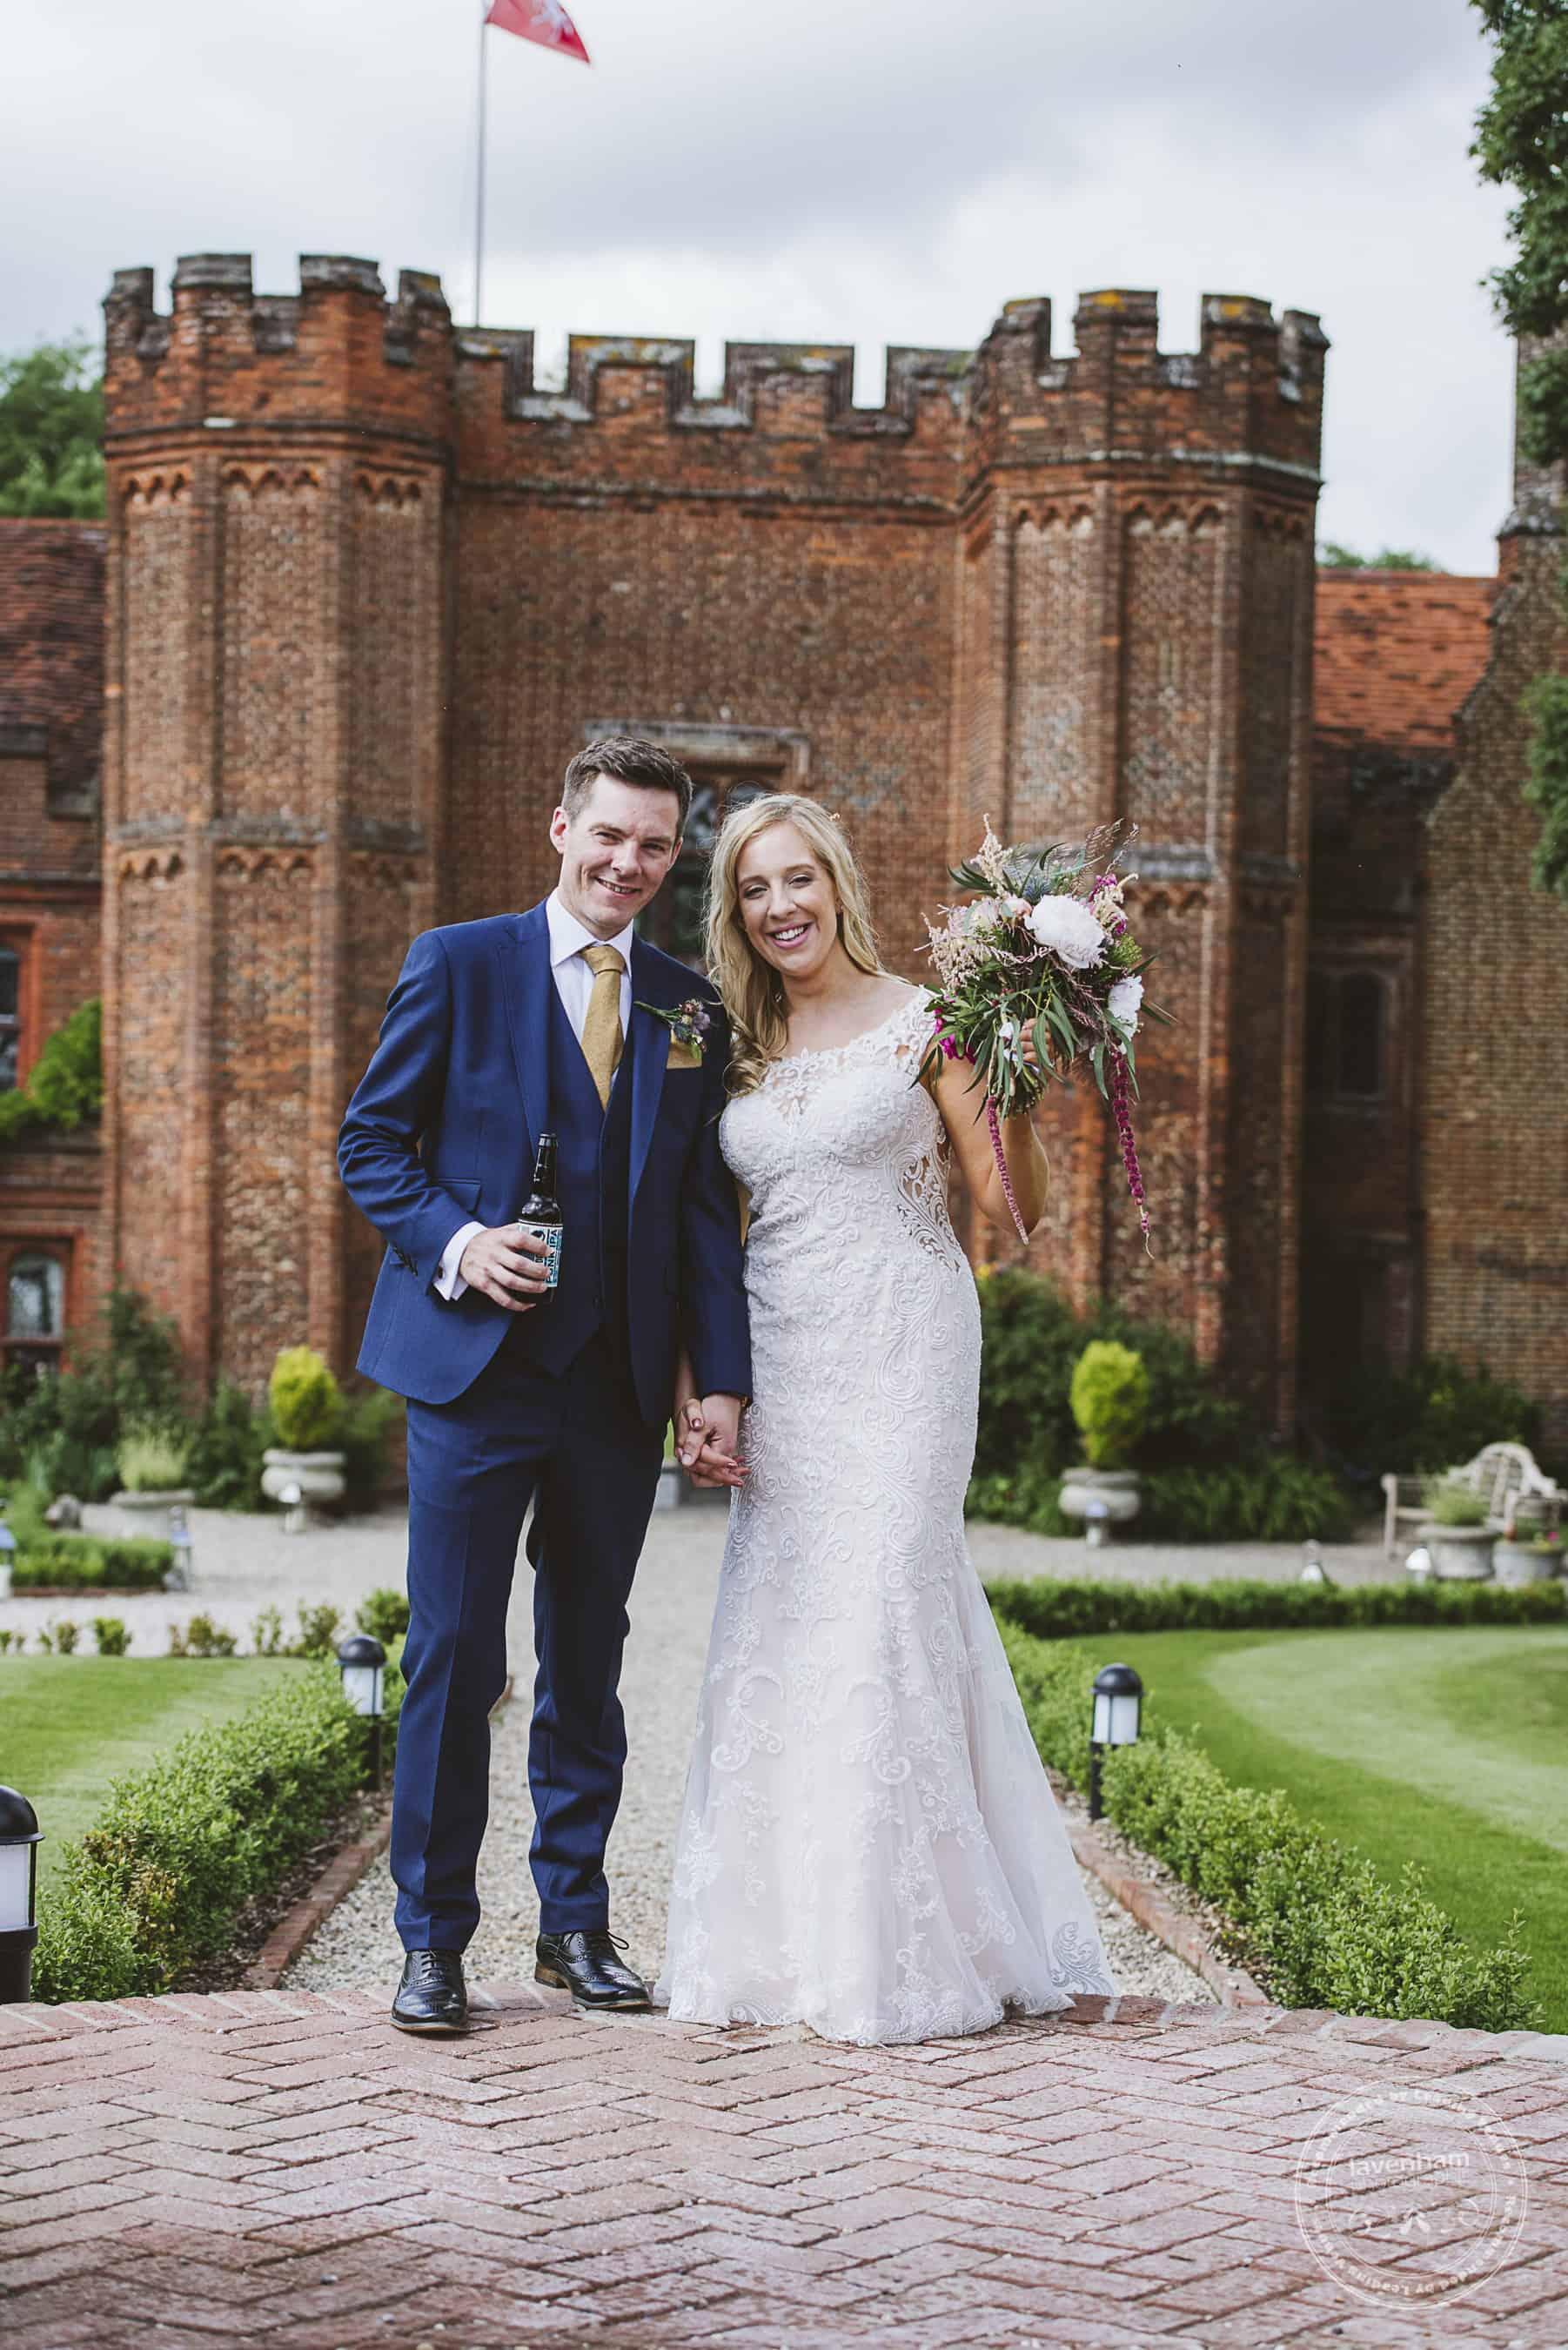 020618 Leez Priory Wedding Photography Lavenham Photographic 133